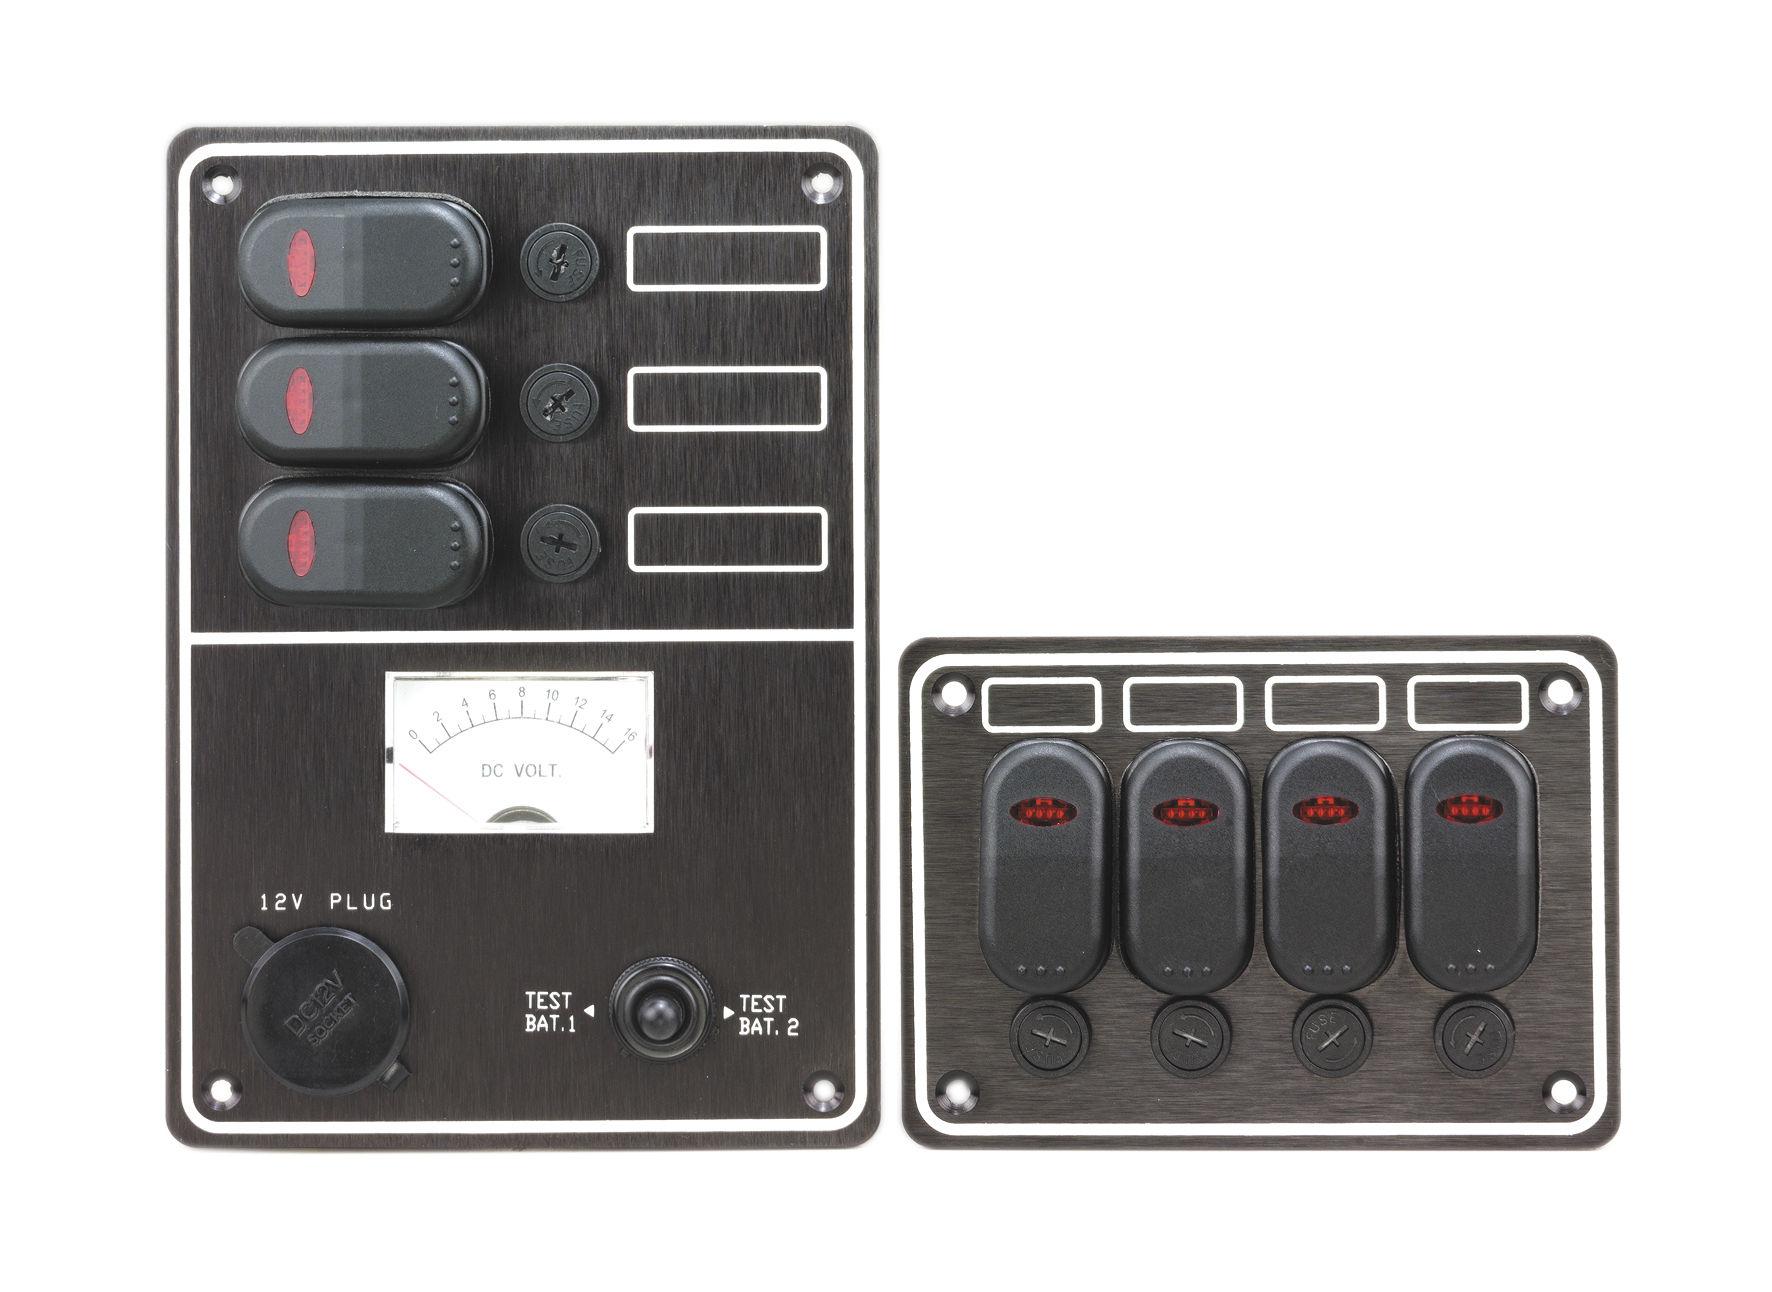 Tableau De Commande Pour Bateau Pour Circuit électrique Avec - Porte fusible 12v